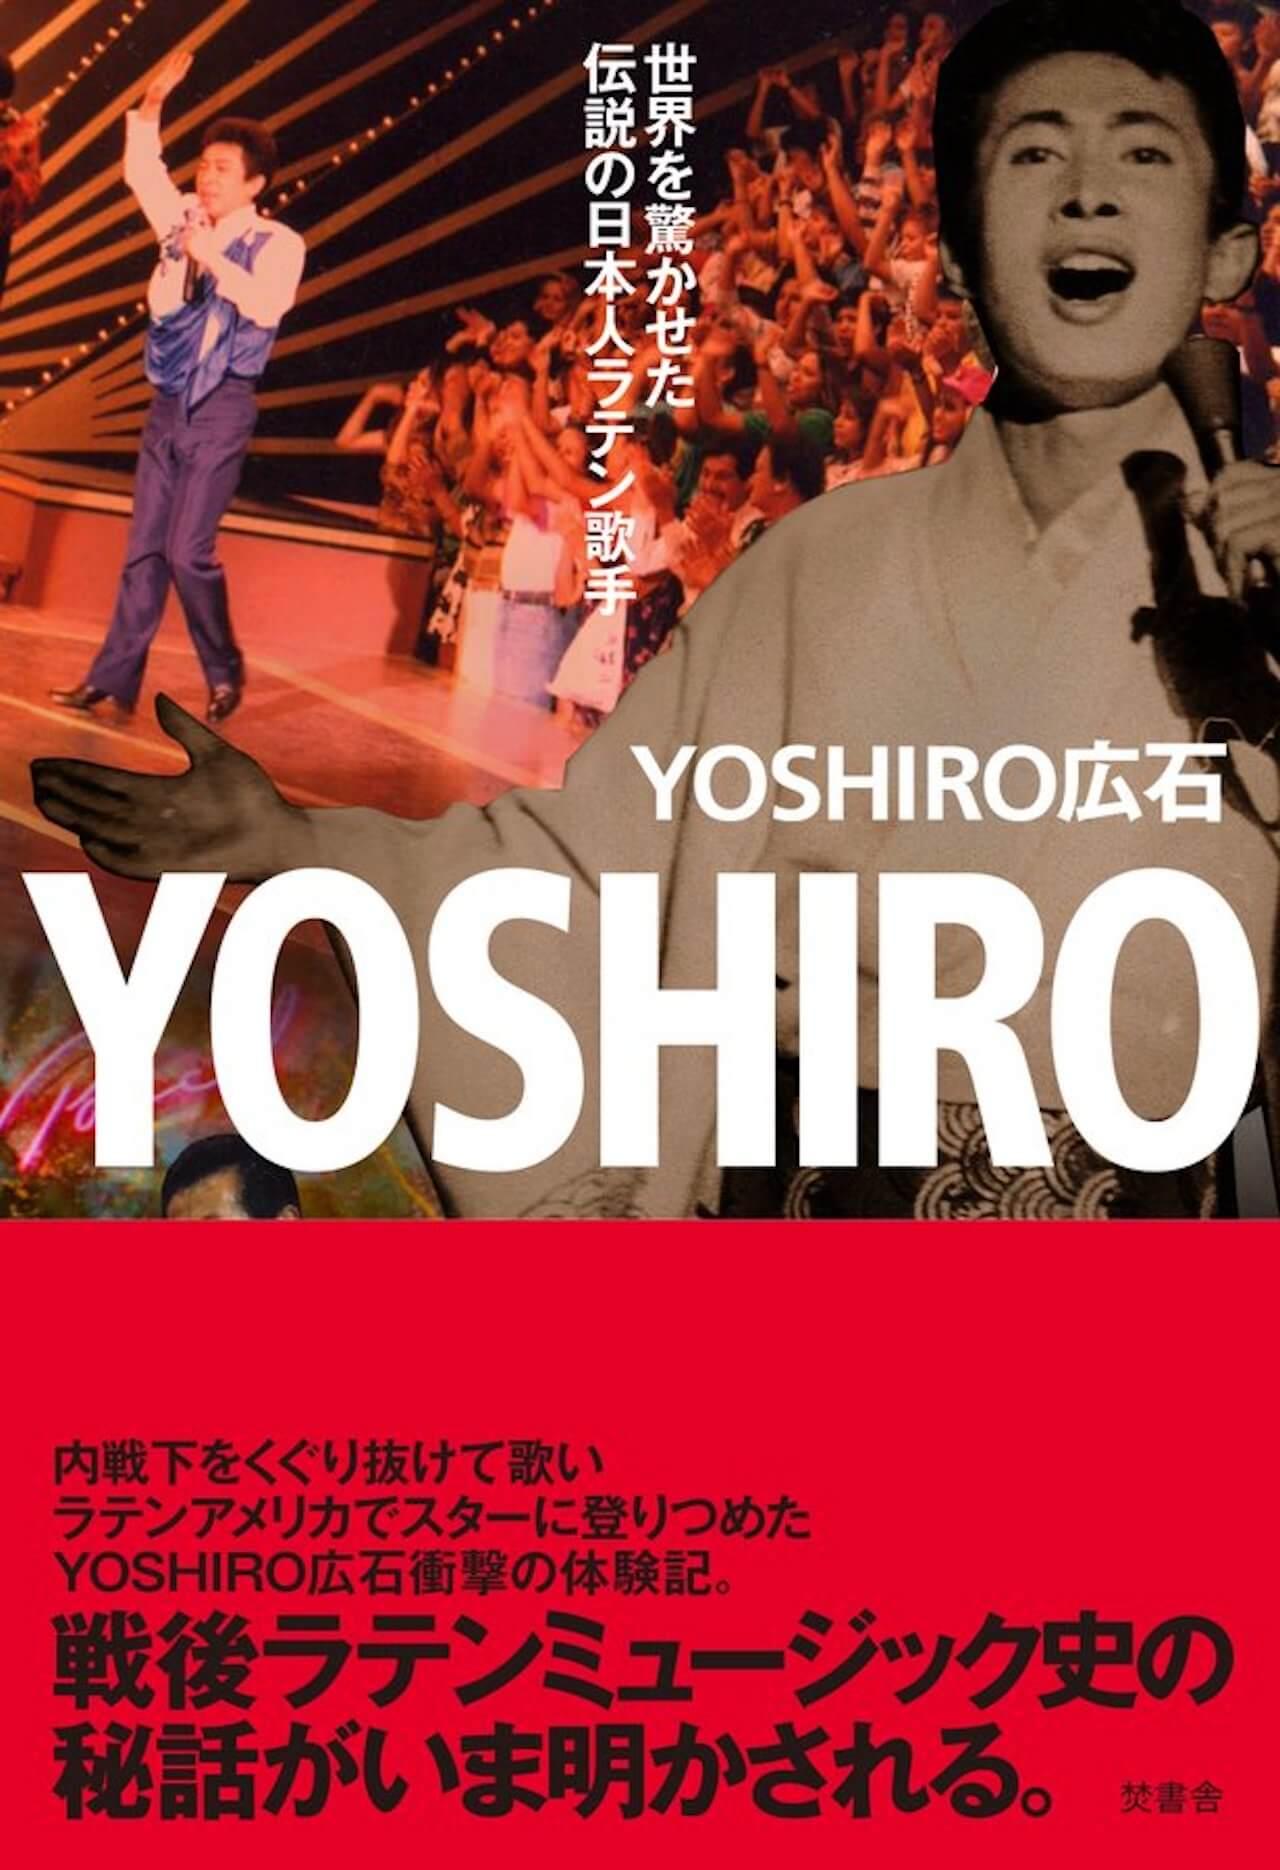 伝説の日本人ラテン歌手YOSHIRO広石の自伝本刊行記念パーティーが開催|ミニライブに加え、田中克海・IZPON・大石始が登壇するトークショーも music201202-yoshuiro-2